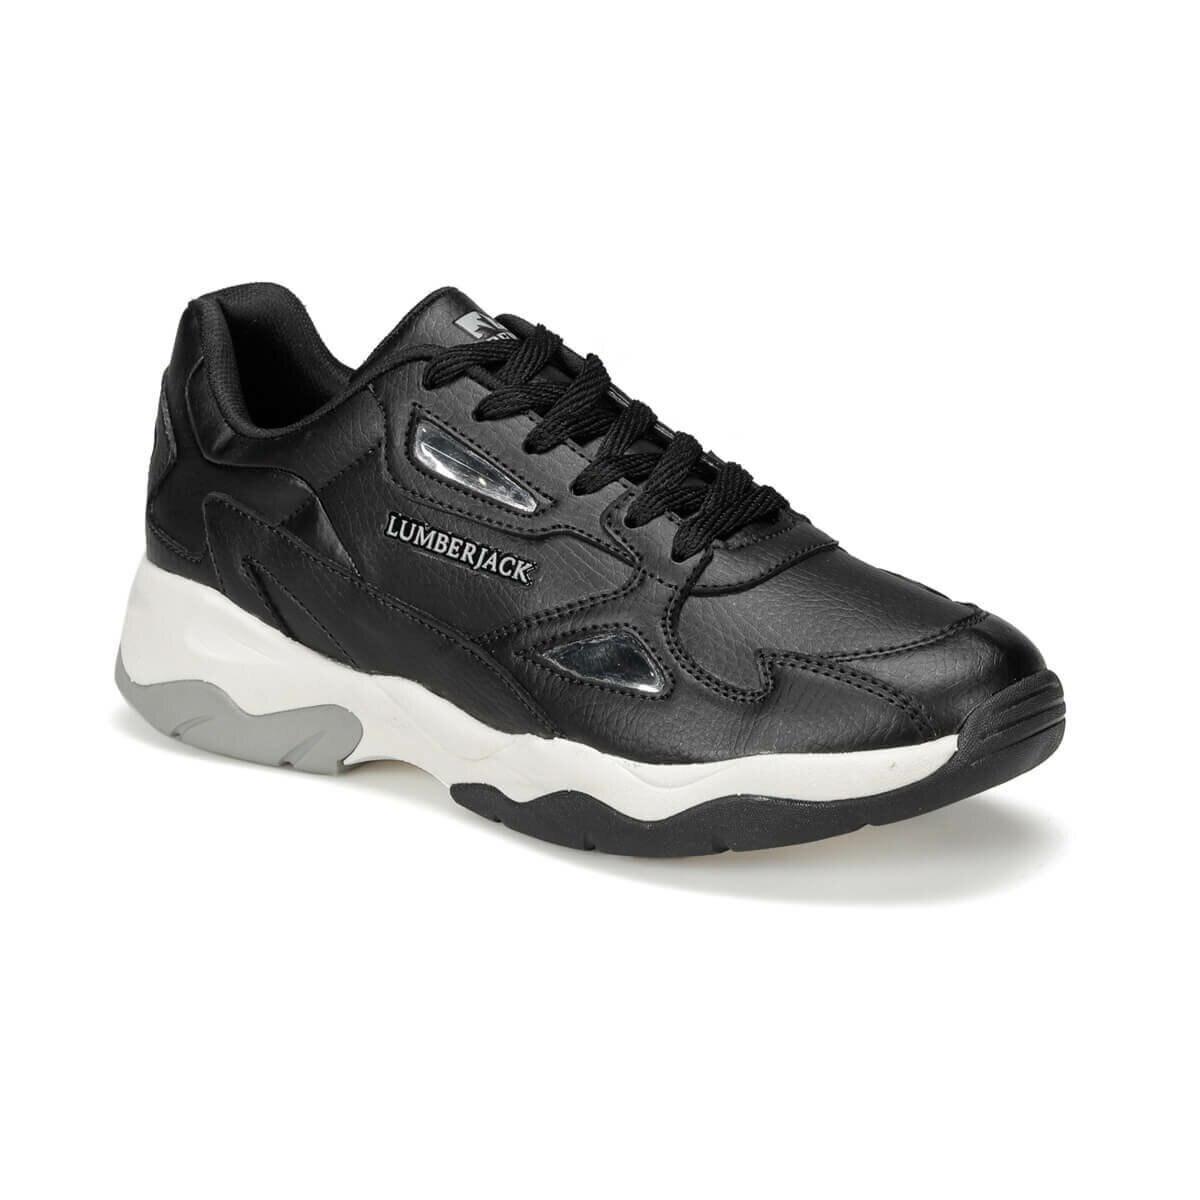 FLO GRACE PU 9PR Black Women 'S Sneaker Shoes LUMBERJACK